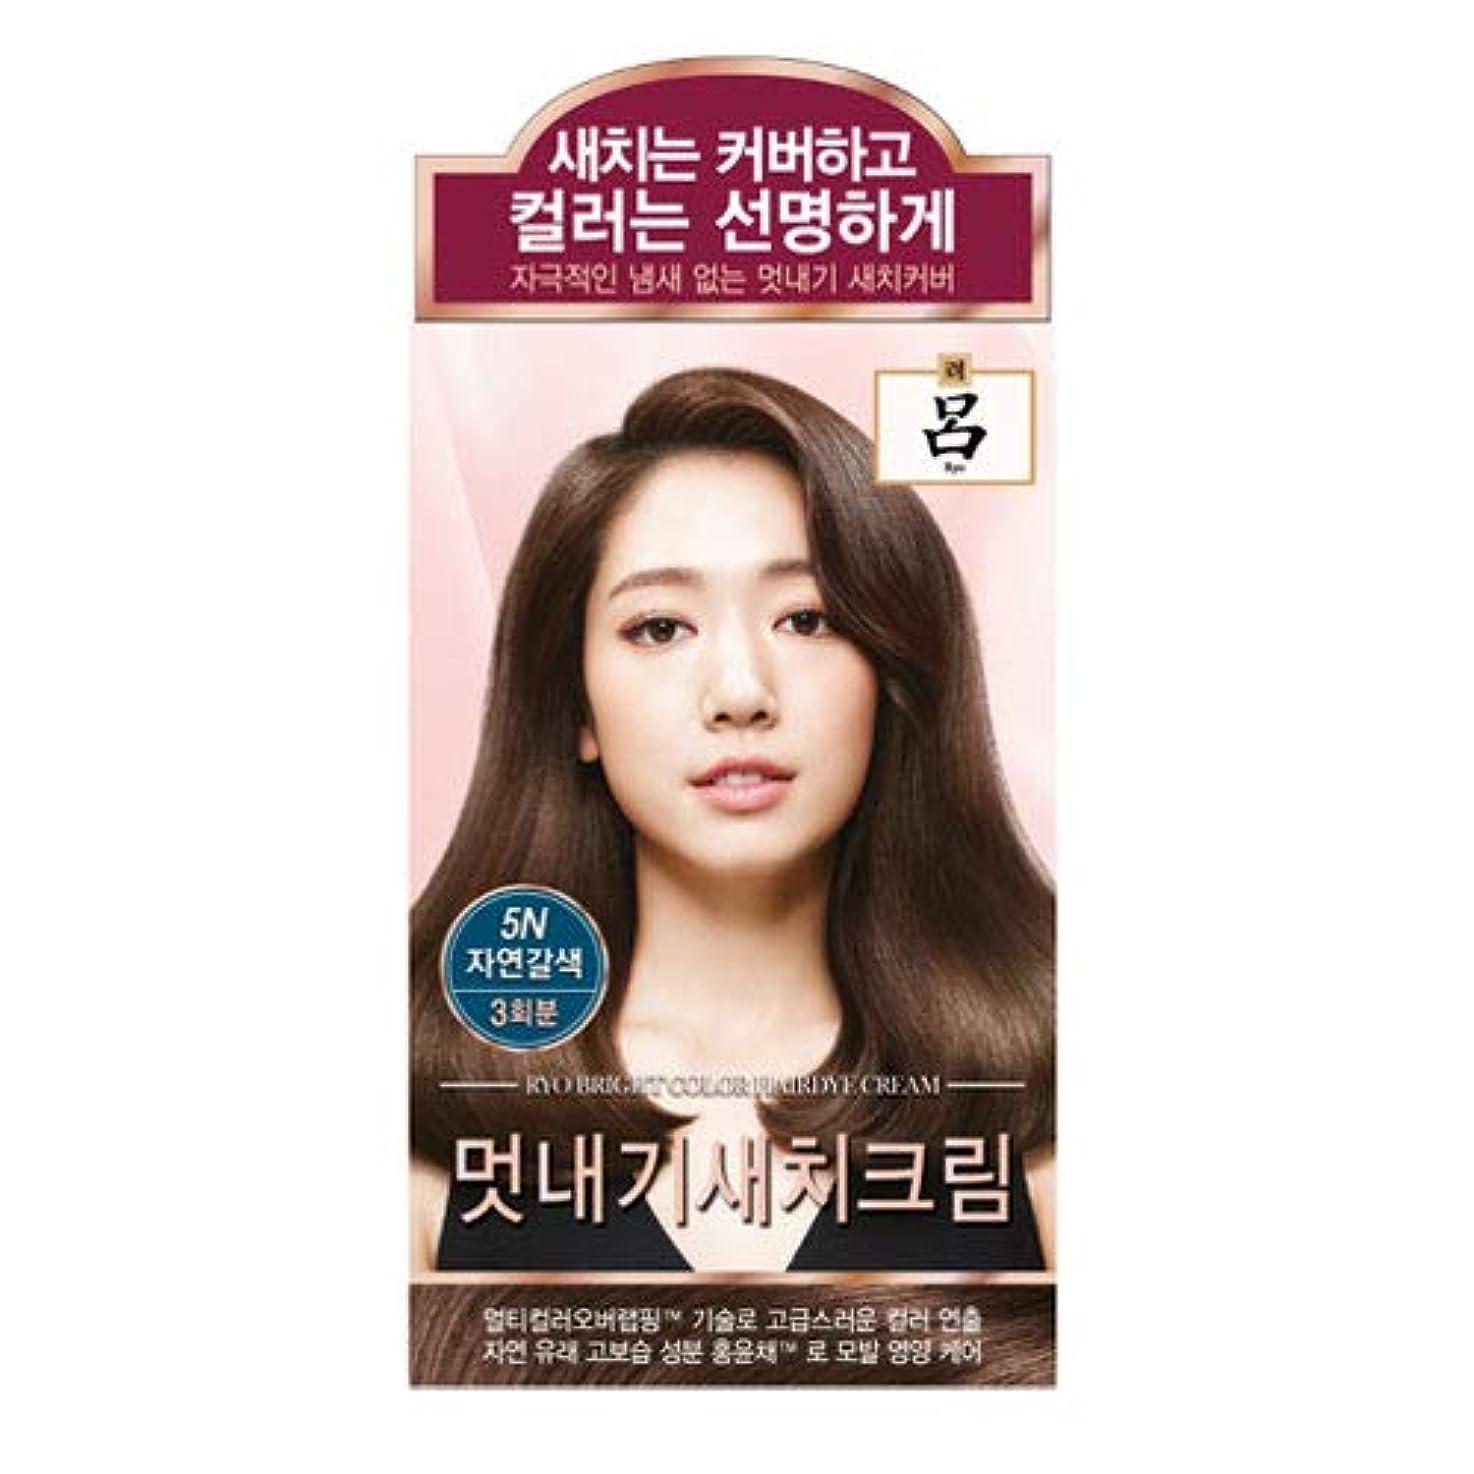 と組む上下する叱るアモーレパシフィック呂[AMOREPACIFIC/Ryo] ブライトカラーヘアアイクリーム 5N ナチュラルブラウン/Bright Color Hairdye Cream 5N Natural Brown